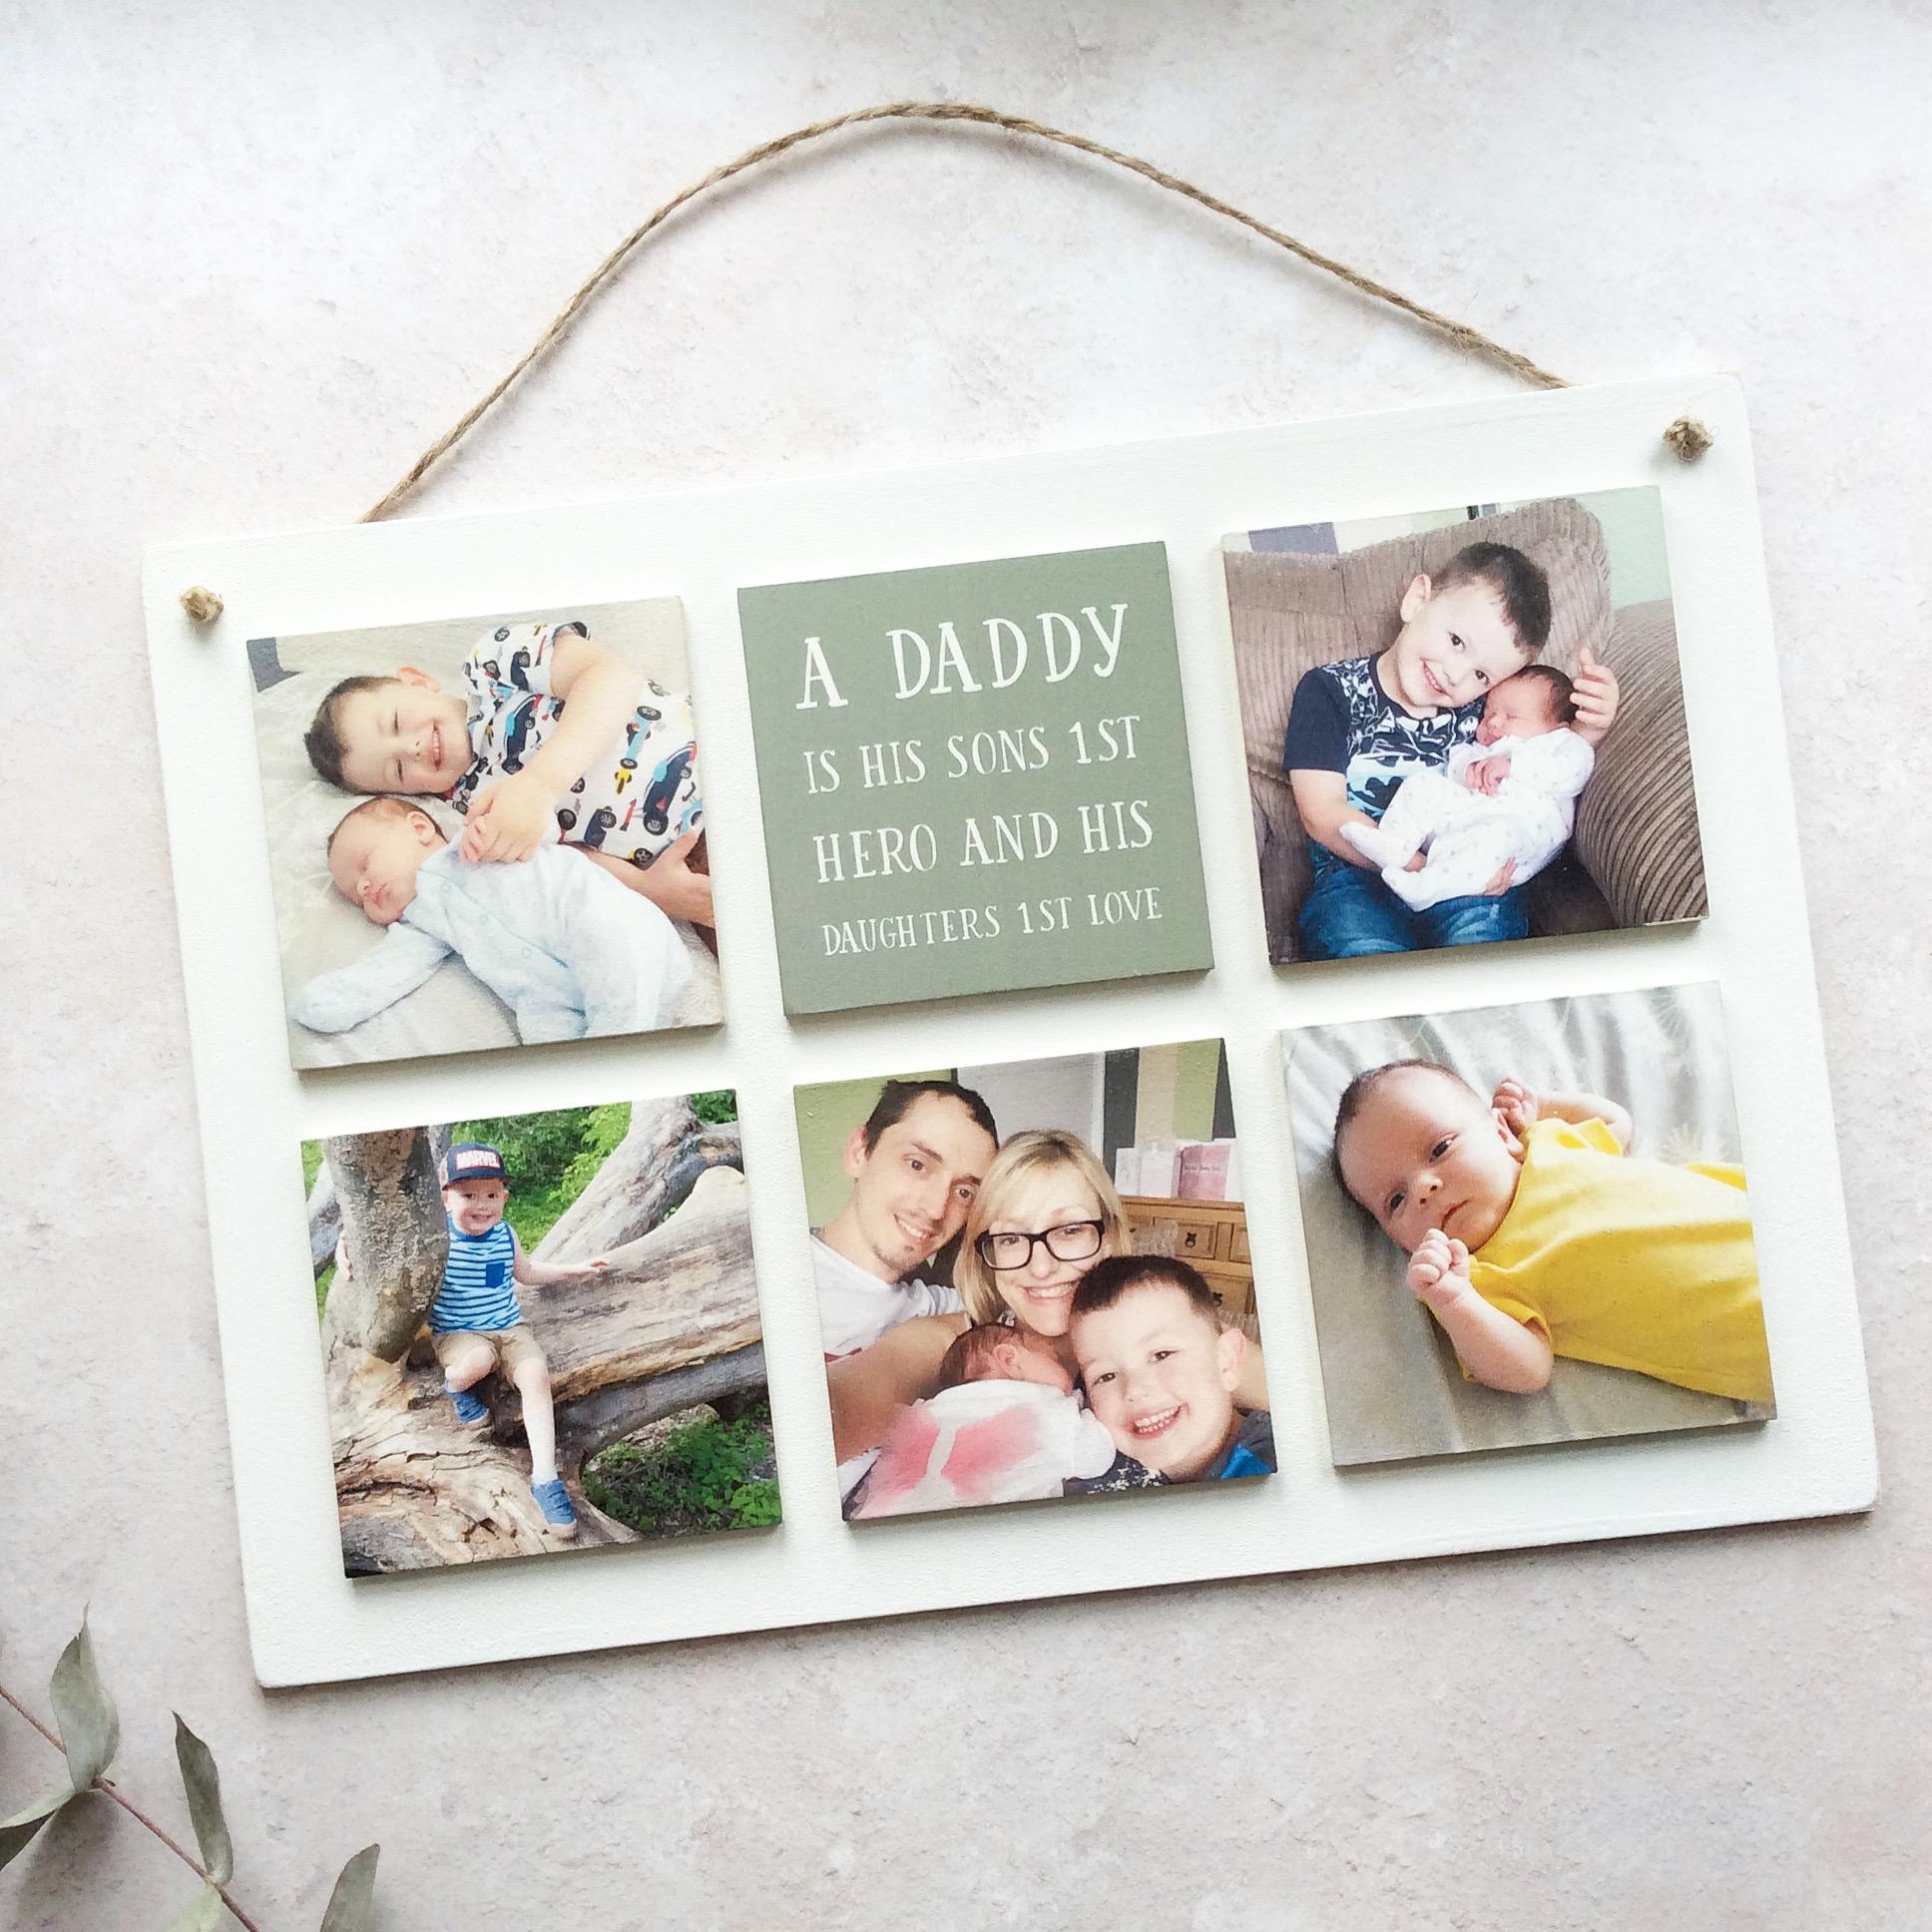 6 Tile Wooden Photo Plaque